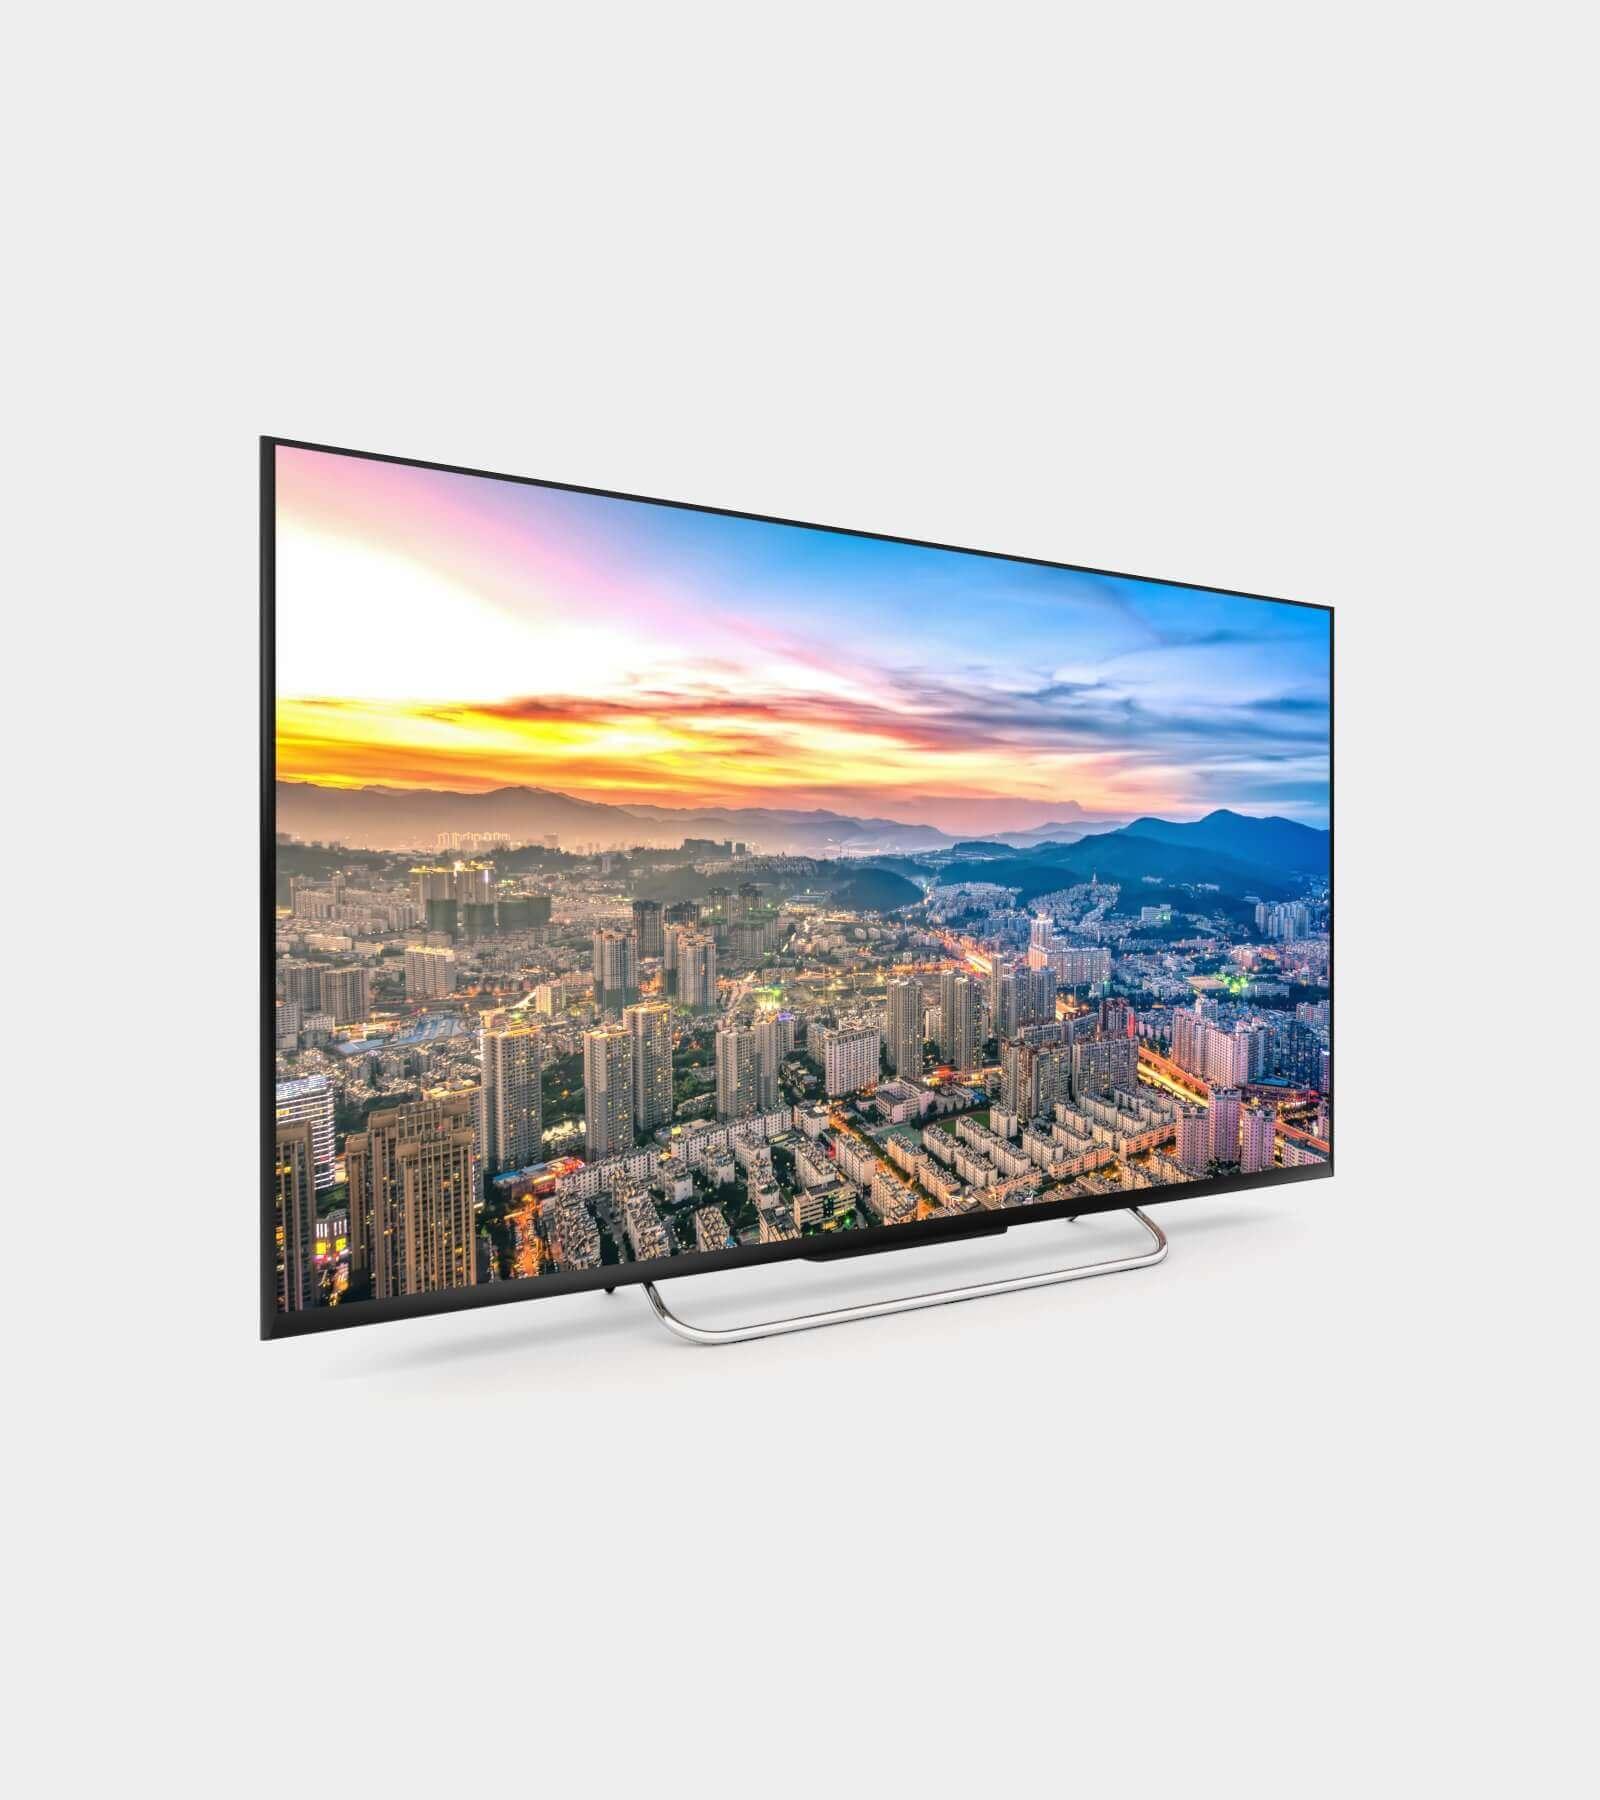 Smart TV-2 3D Model